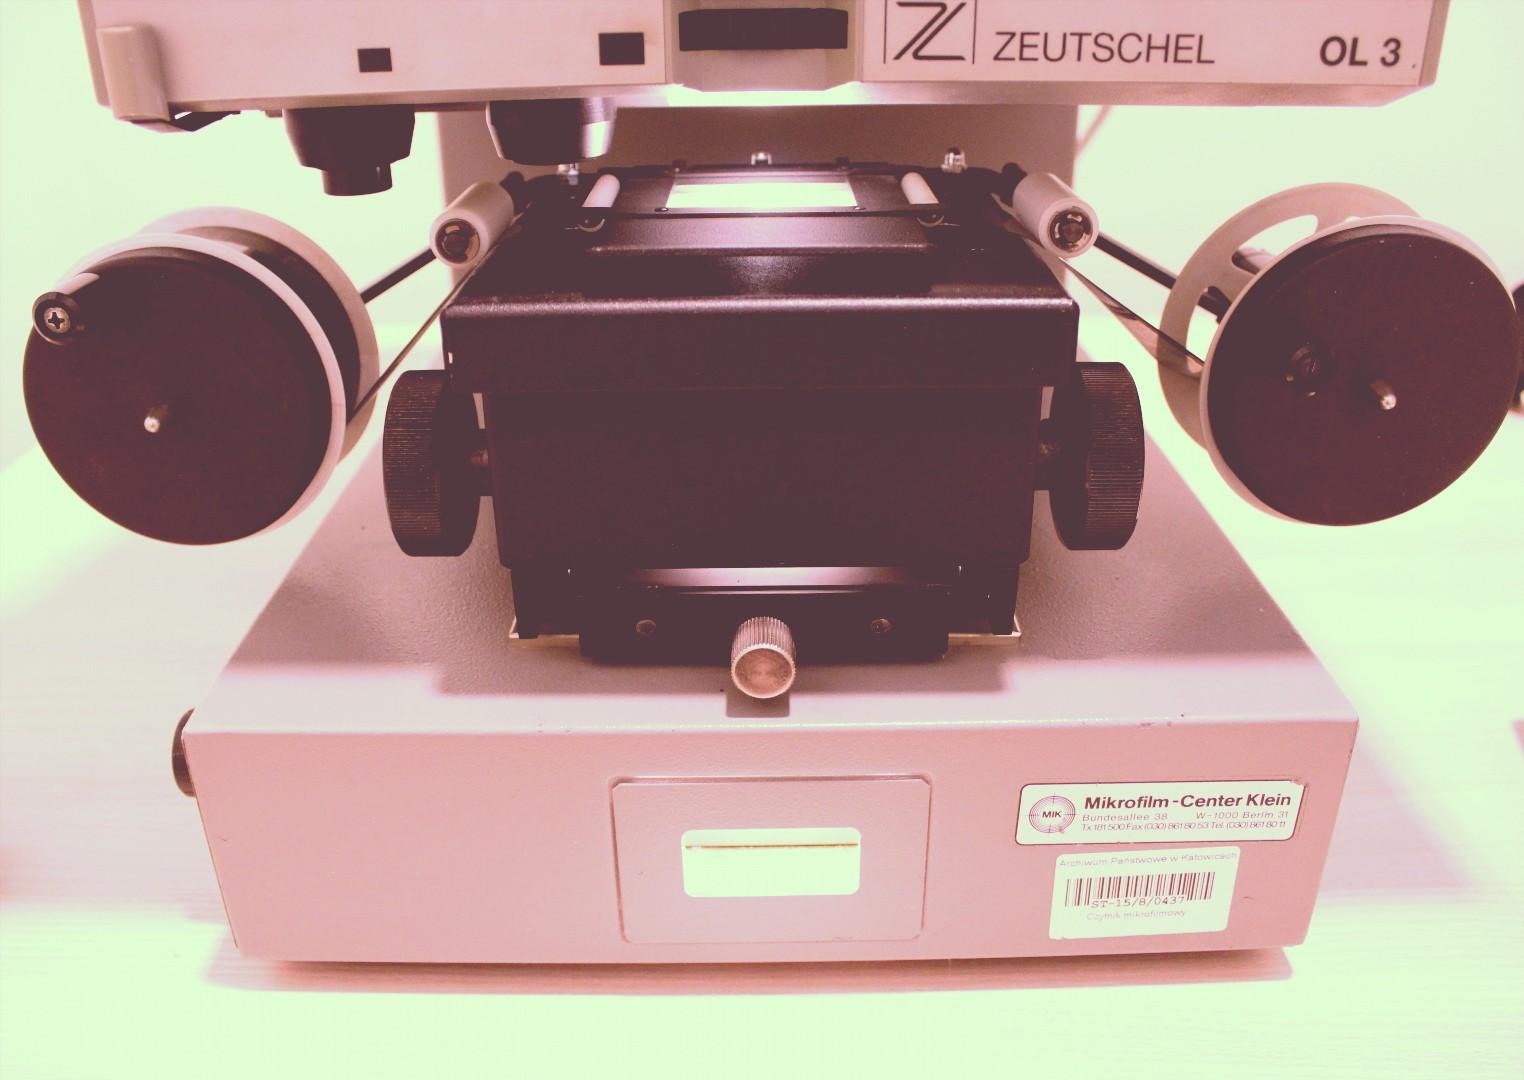 Jakie mikrofilmy zostaną udostępnione w szukajwarchiwach.pl? [wykaz zespołów]